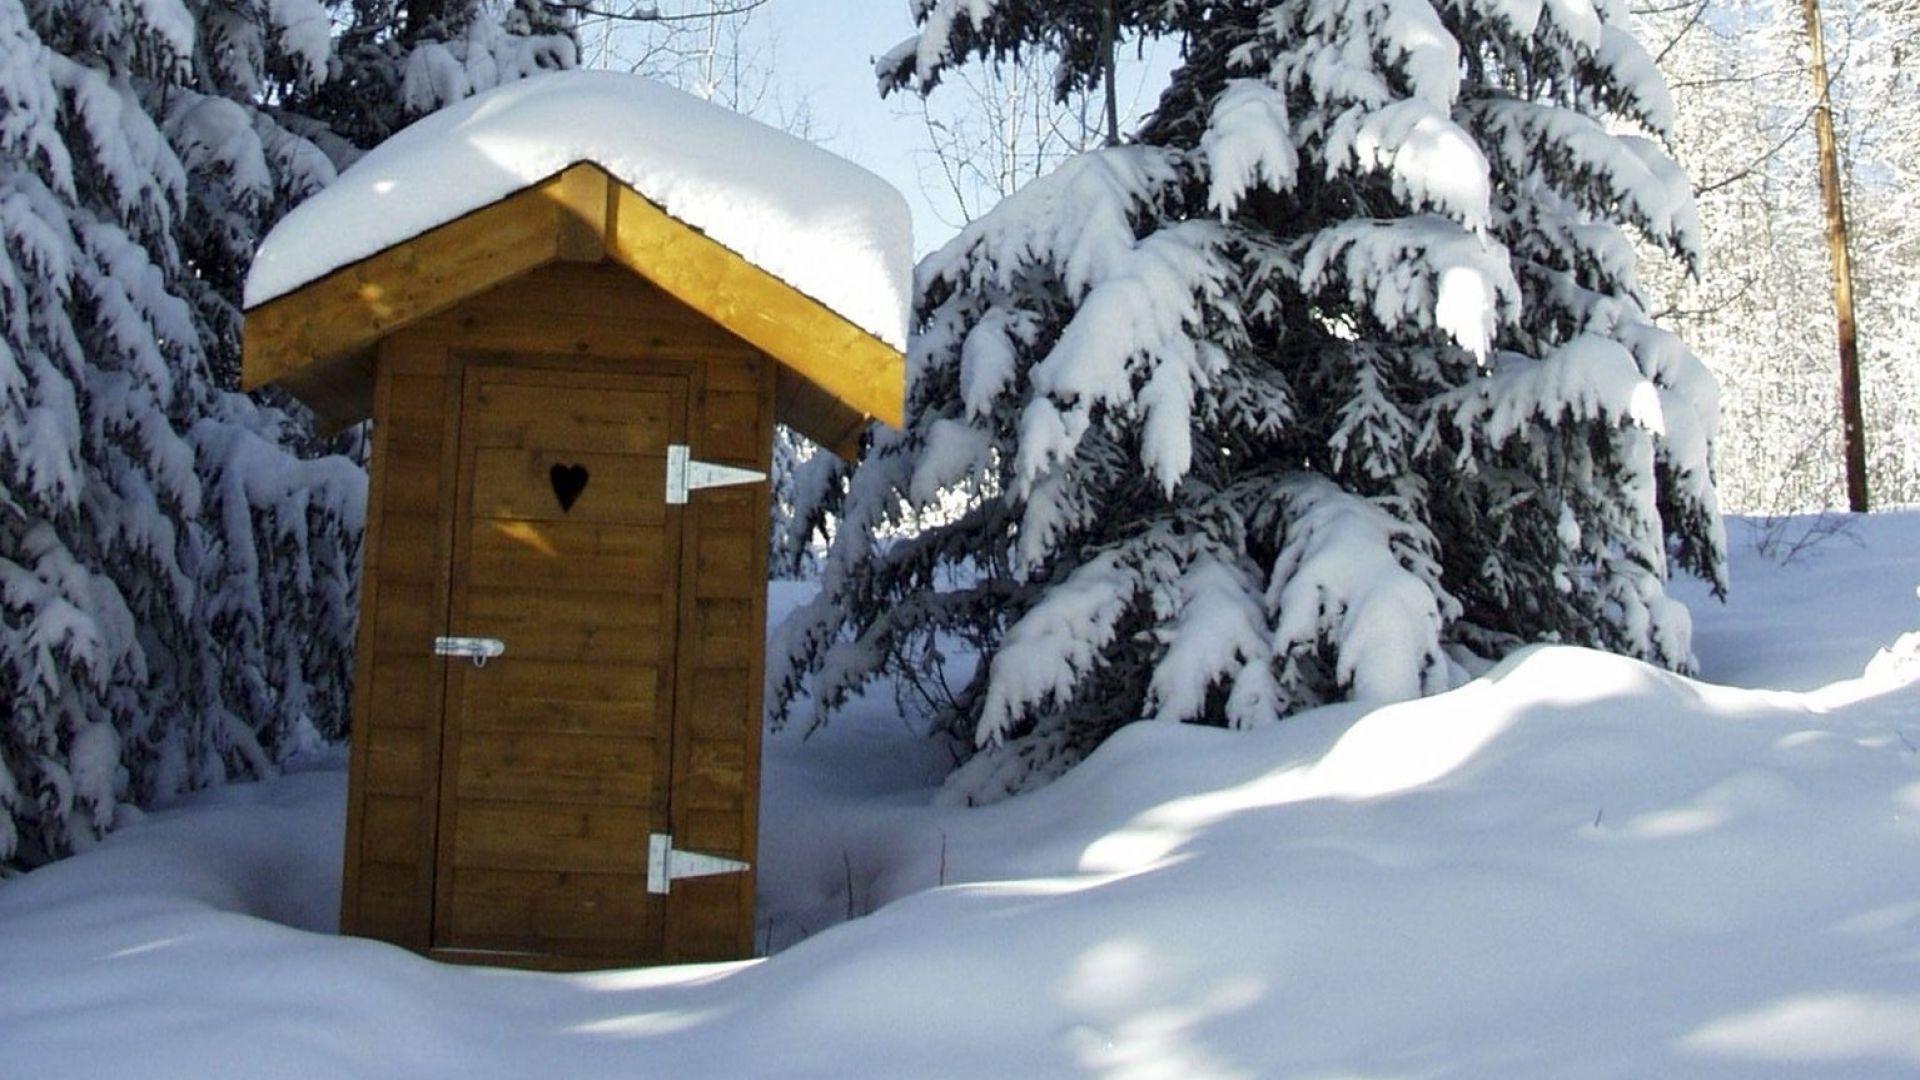 Румъния забрани външните тоалетни, налага драстични глоби